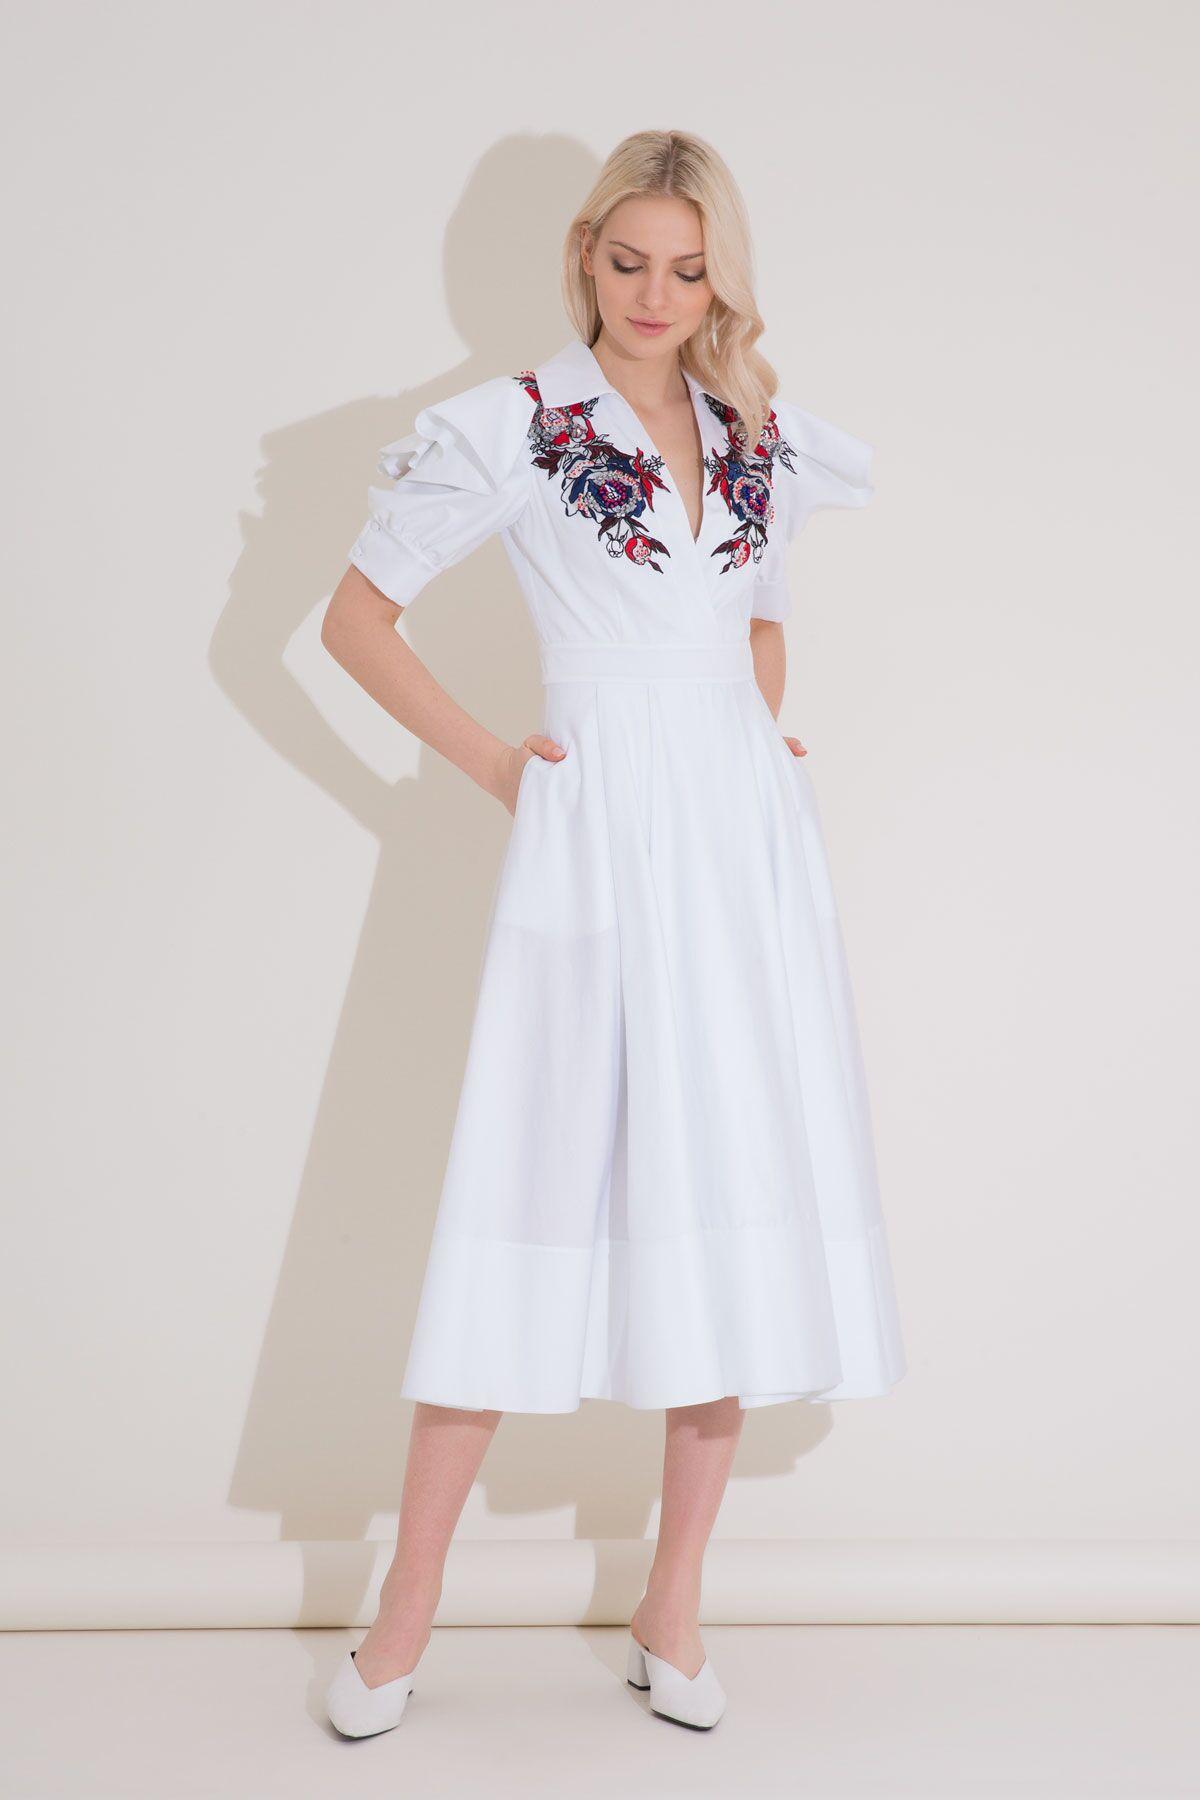 Volan Kol Detaylı Nakışlı Beyaz Midi Elbise